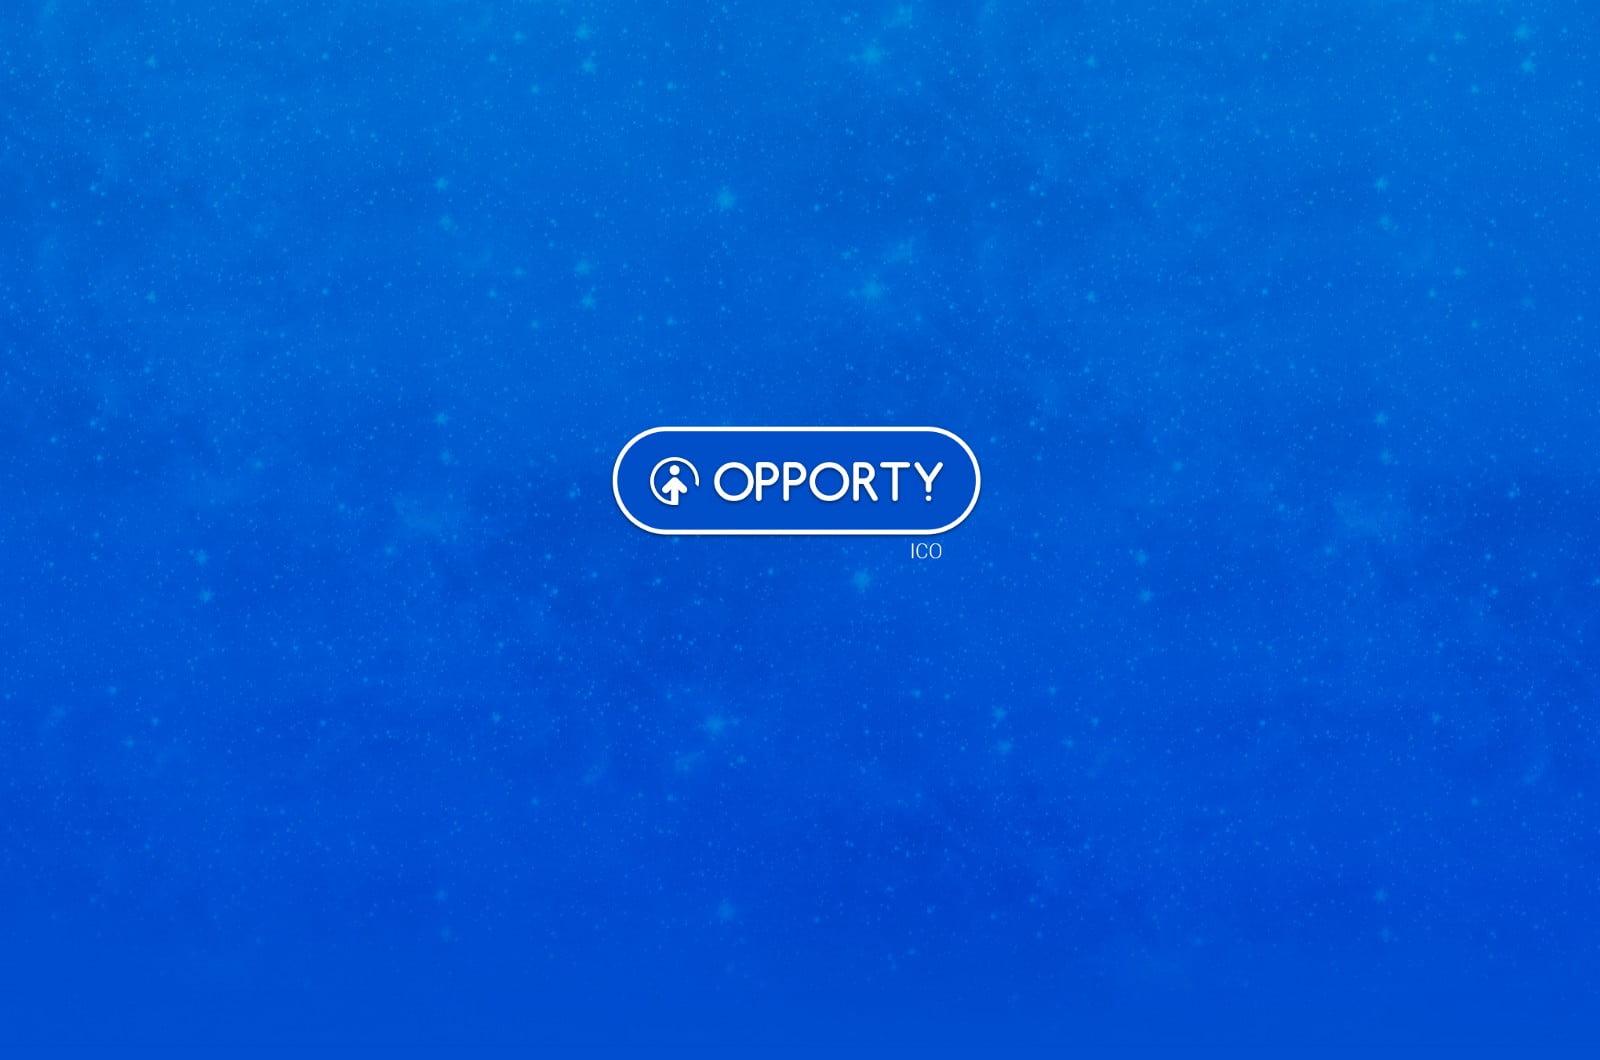 opporty logo